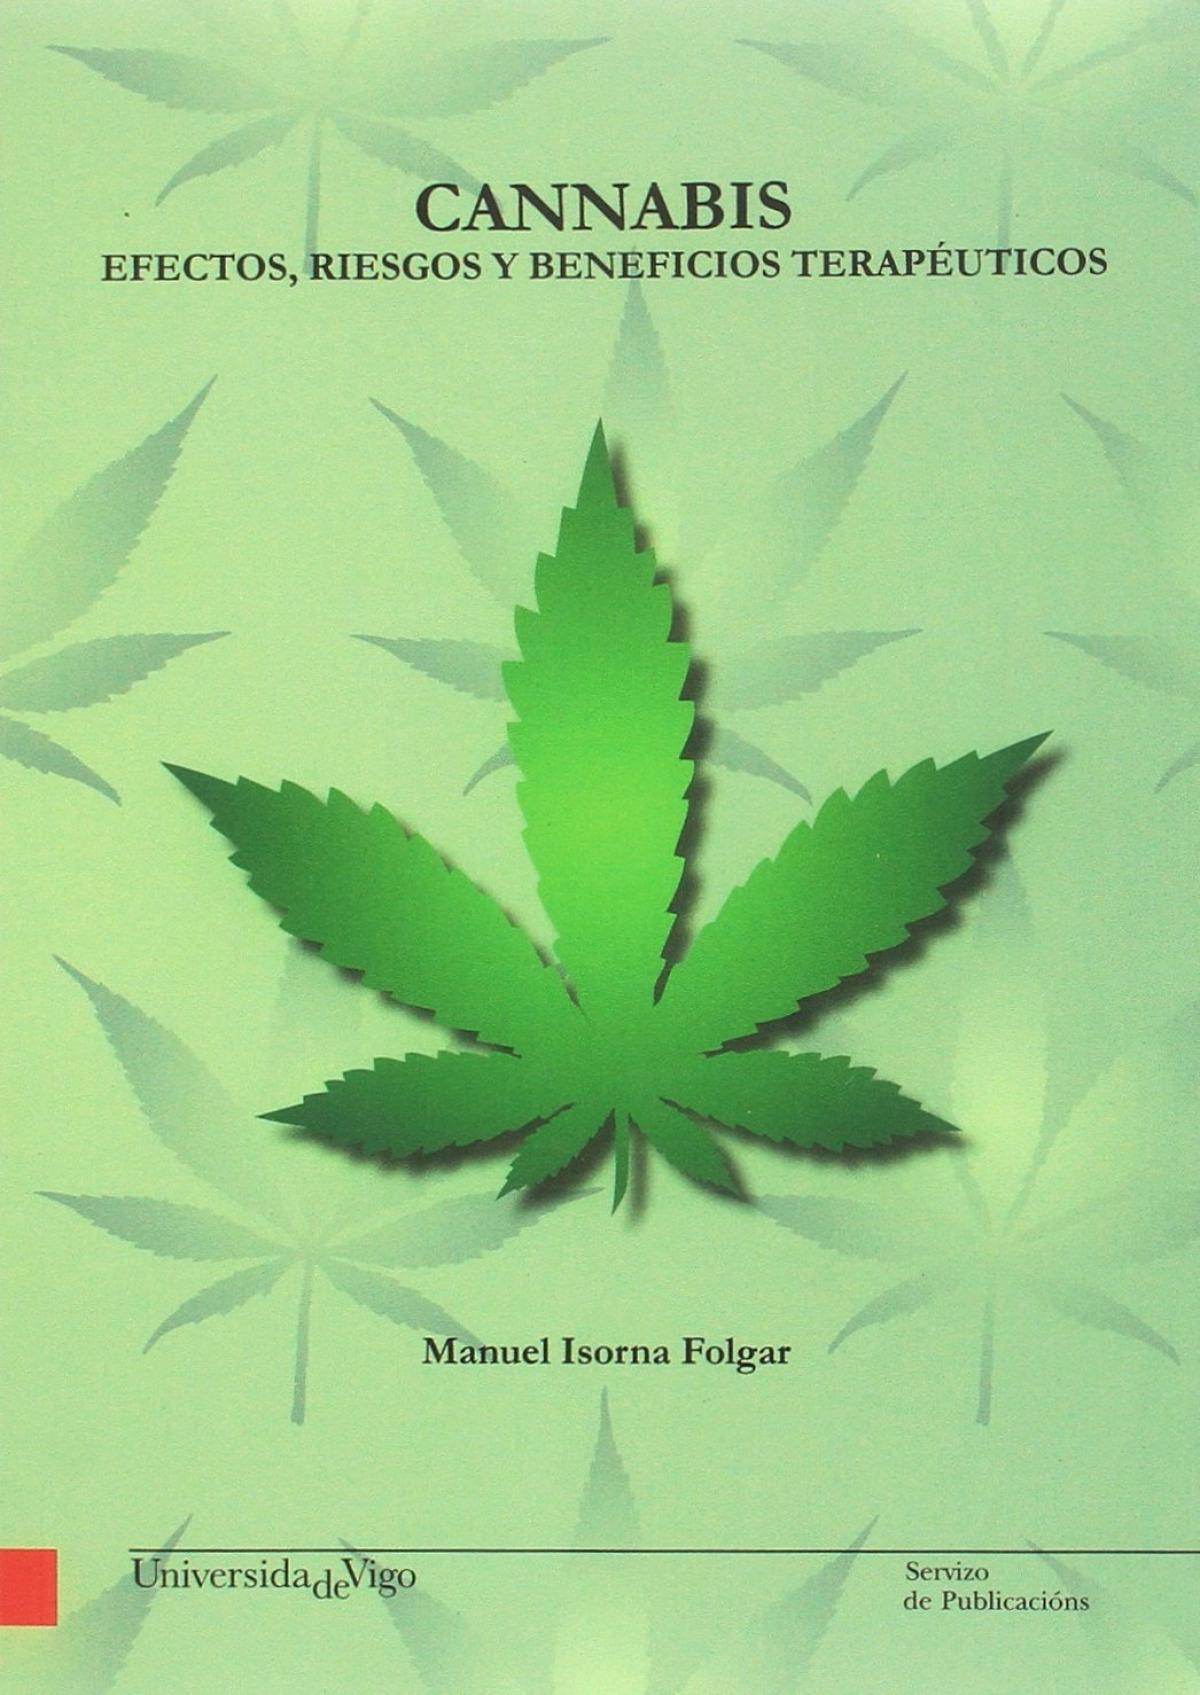 Cannabis: efectos, riesgos y beneficios terapéuticos